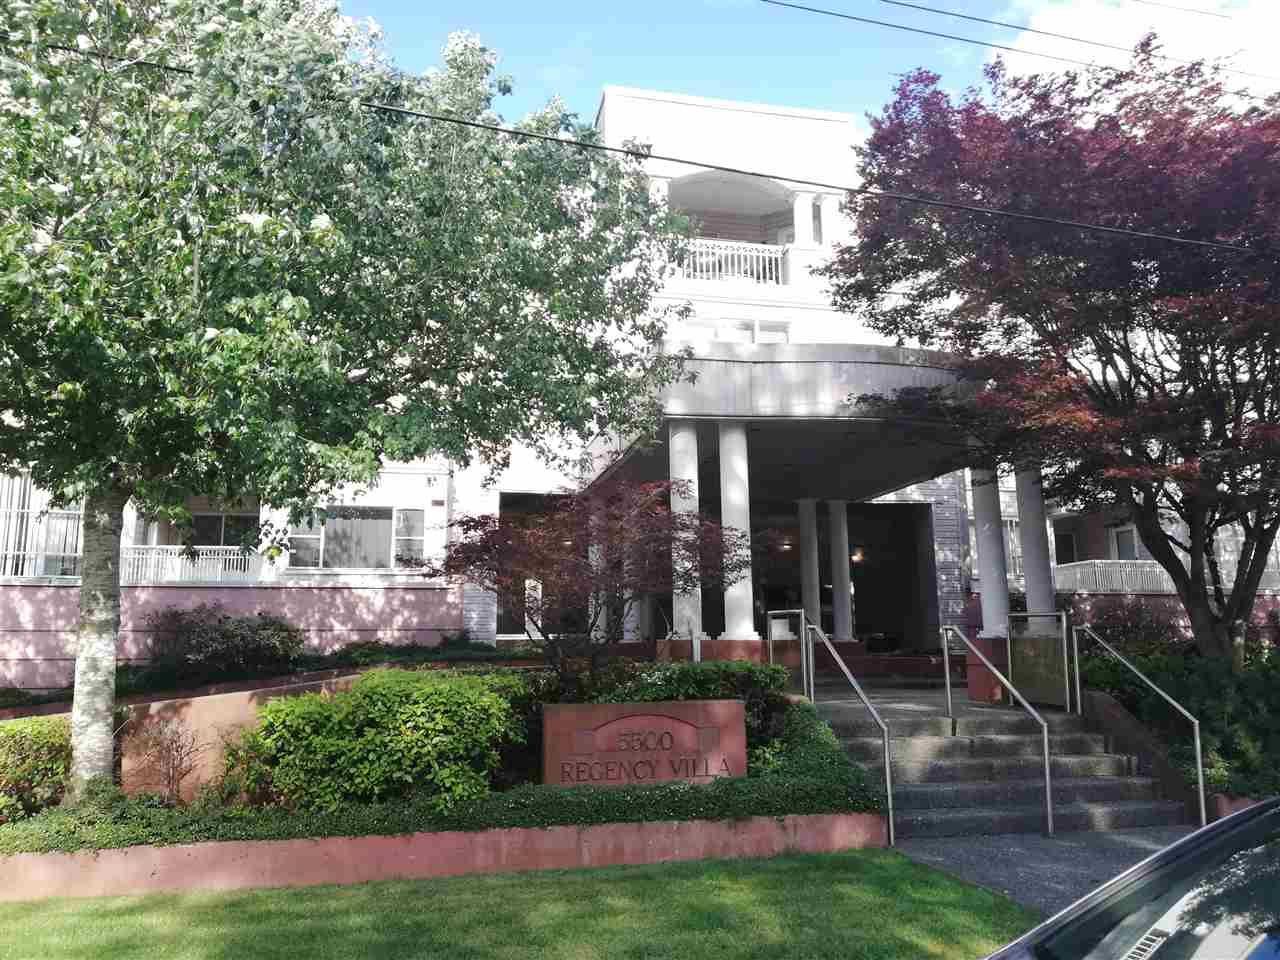 """Main Photo: 101 5500 ARCADIA Road in Richmond: Brighouse Condo for sale in """"REGENCY VILLA"""" : MLS®# R2377921"""